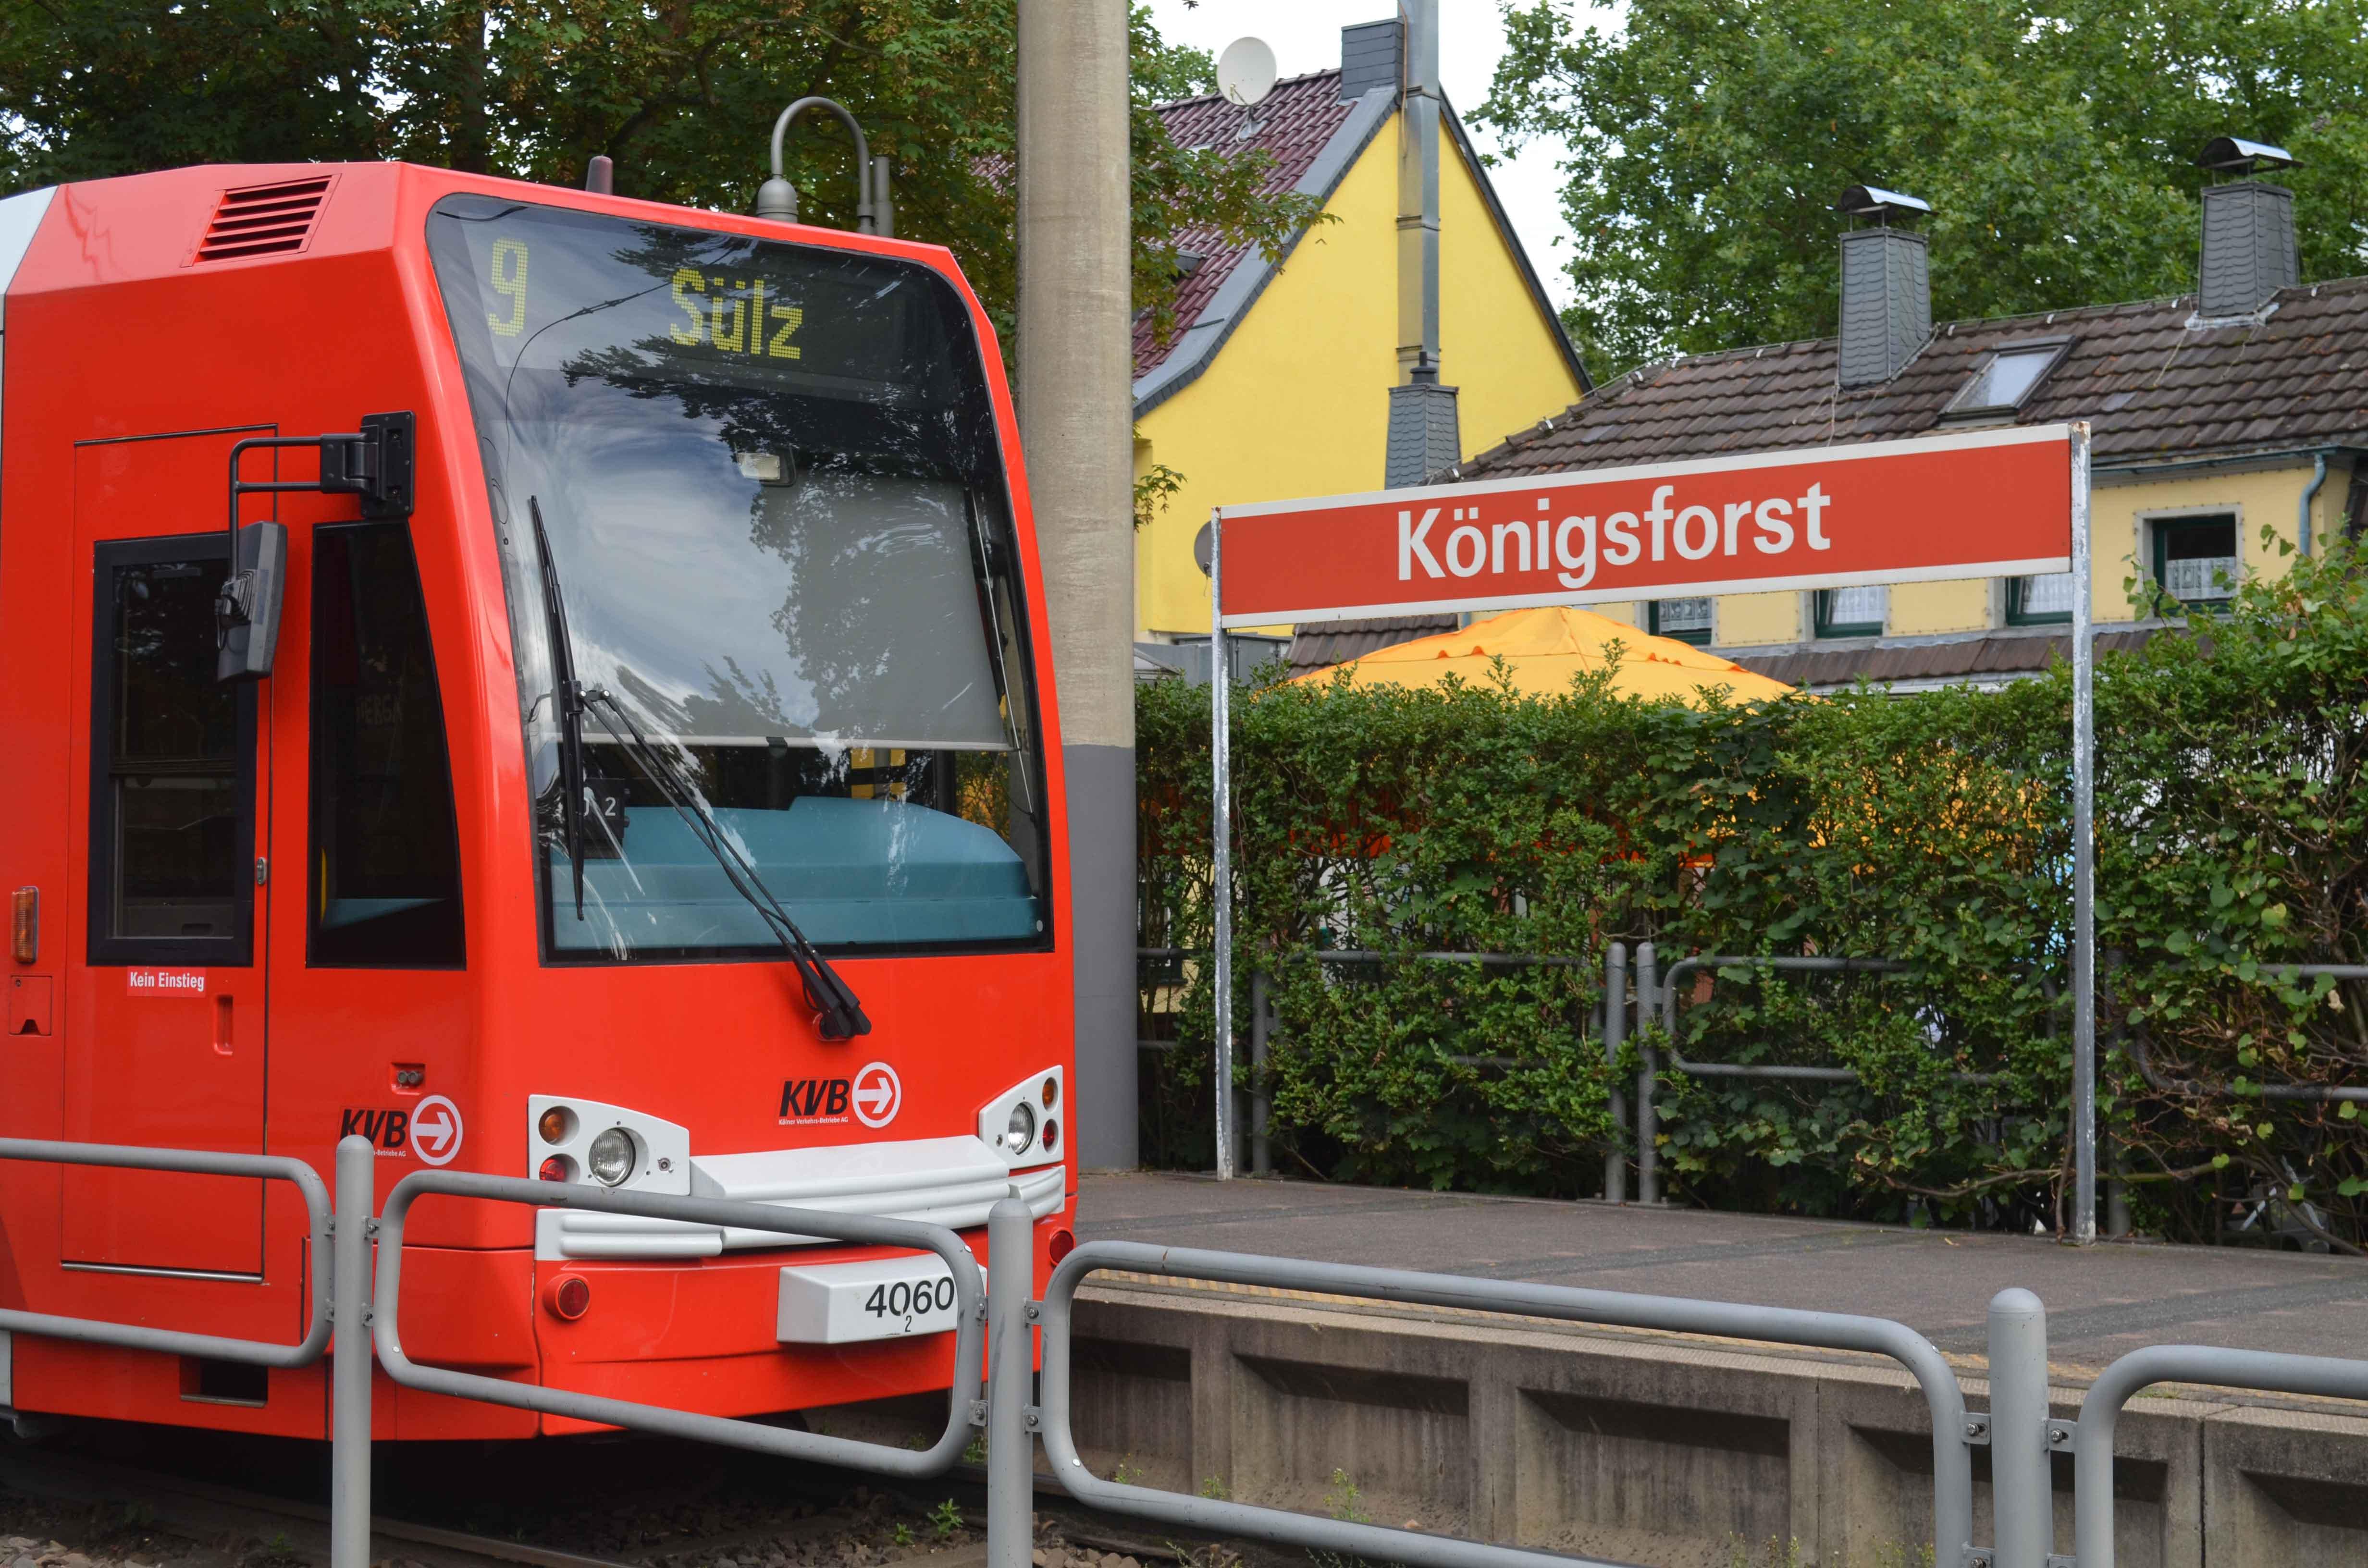 Die Linie 9 verbindet die Naherholungsgebiete in Sülz und Königsforst